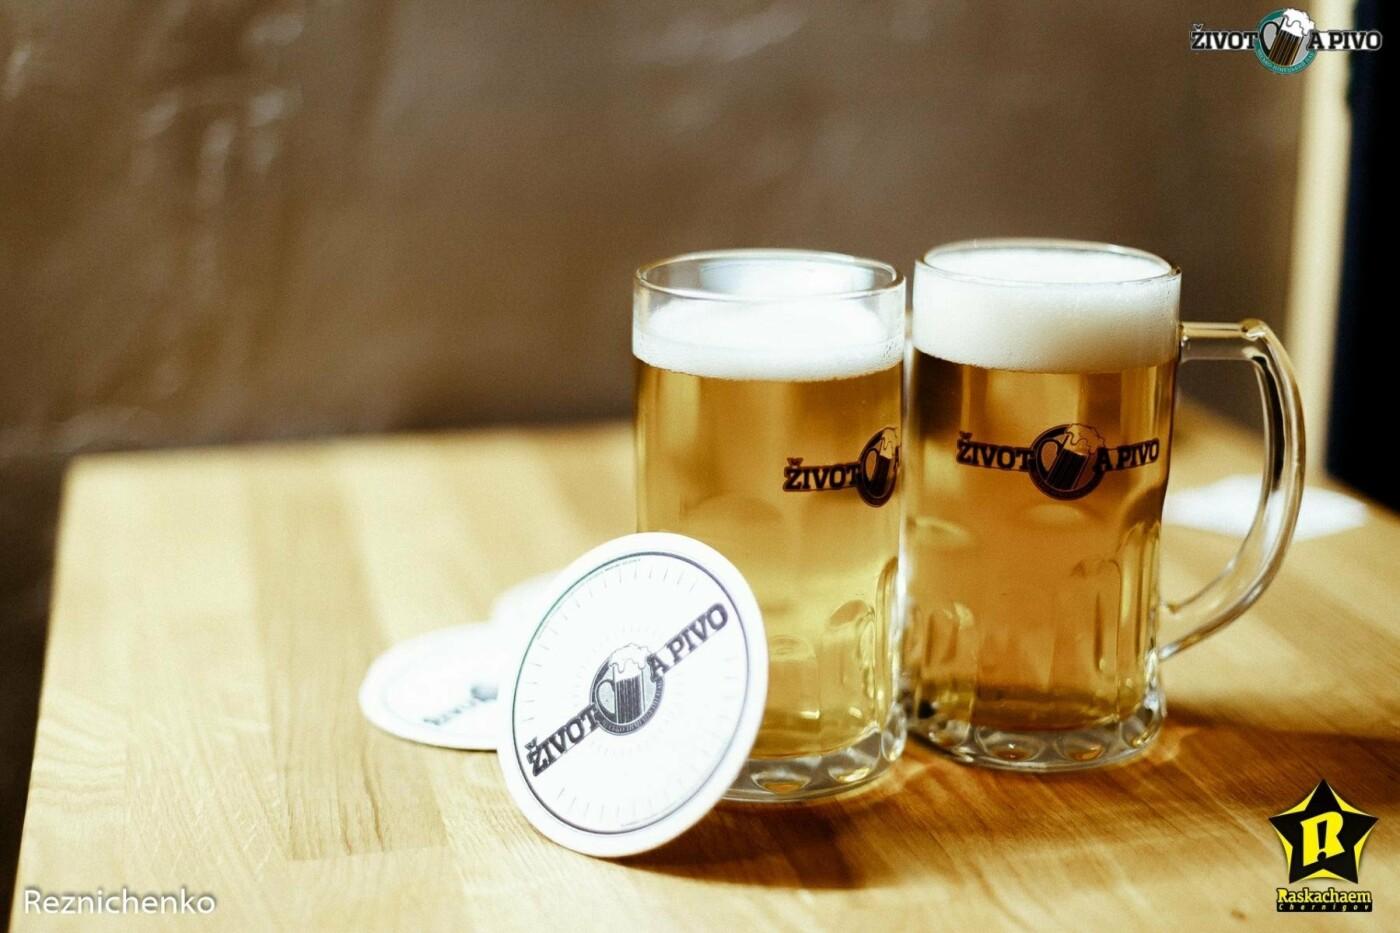 Живіт для пива чи від пива? Або як Чехія та Німеччина оселилися в самісінькому центрі Черкас, фото-4